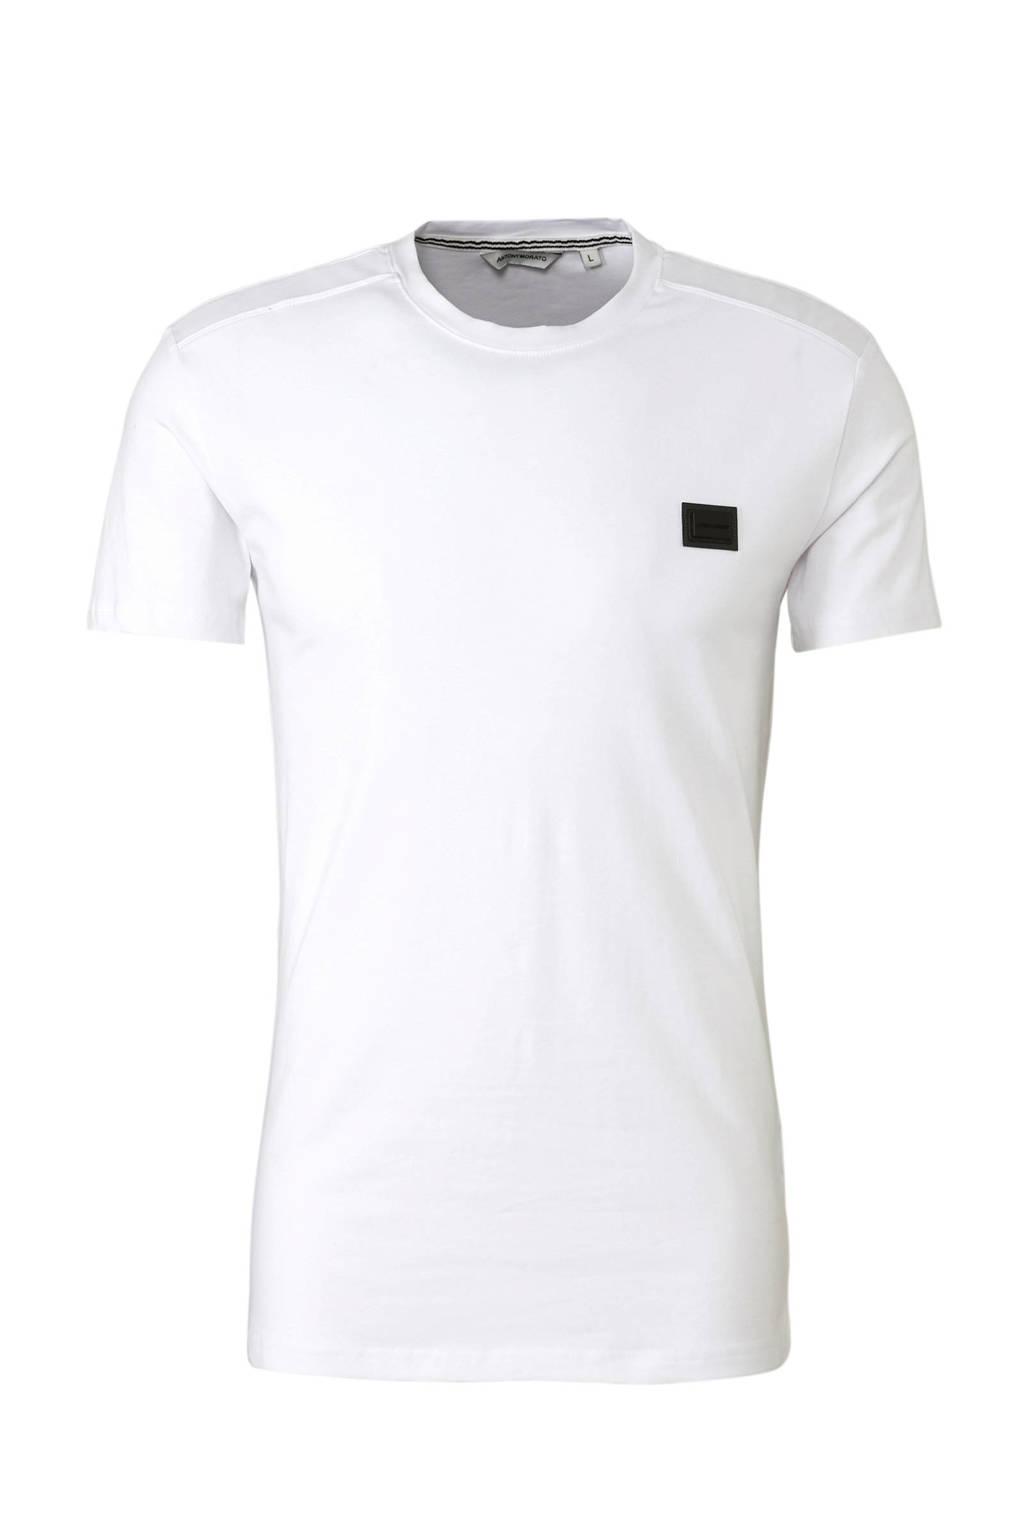 Antony Morato T-shirt wit, Wit